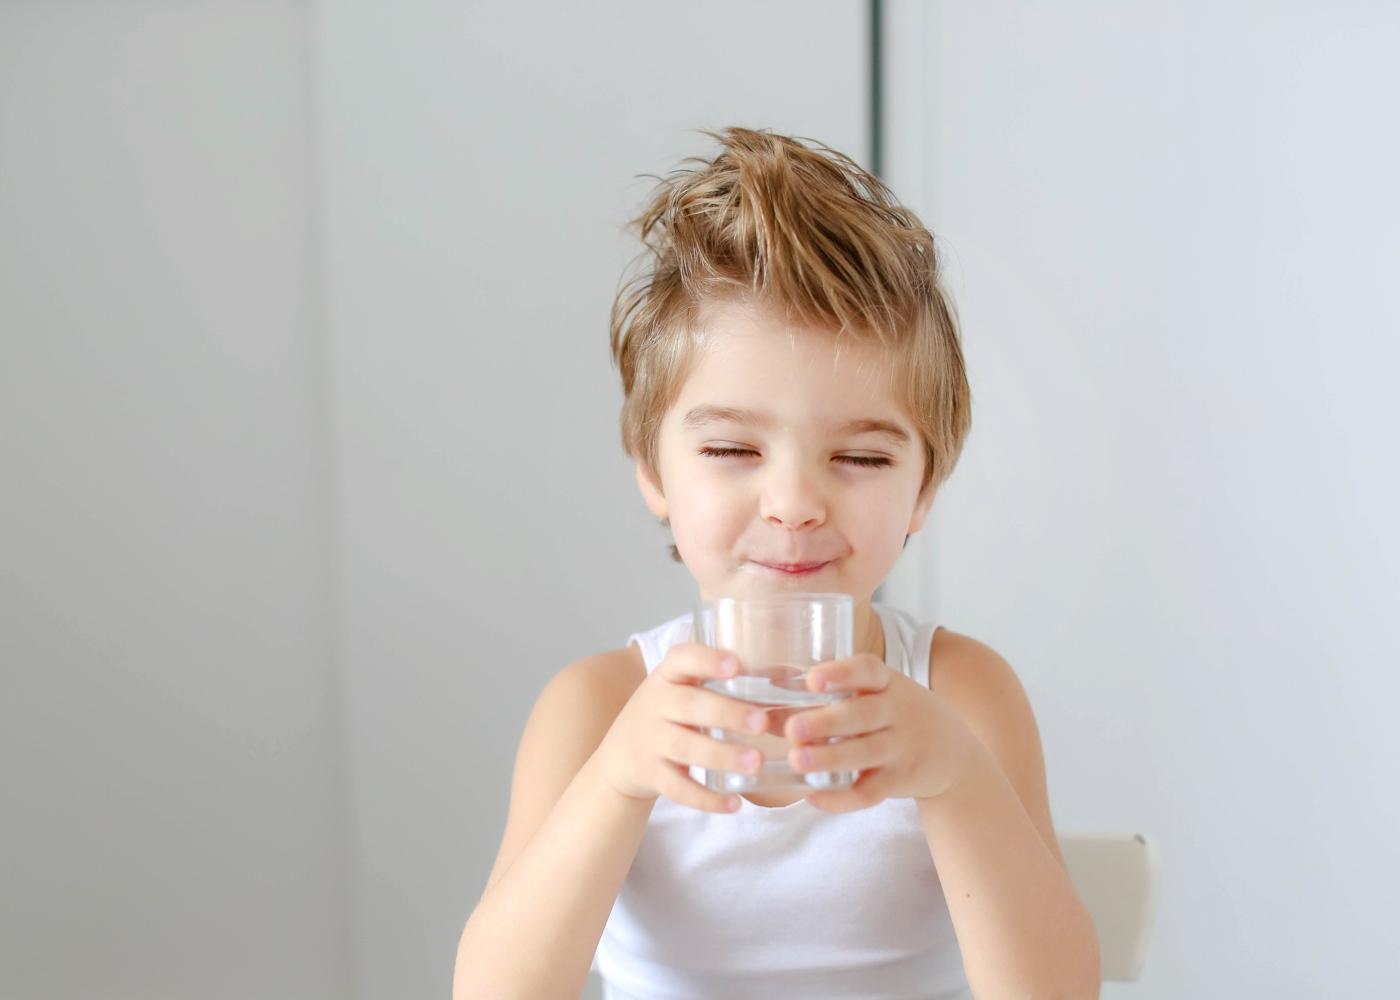 cuidados alimentares com as crianças: menino a beber água